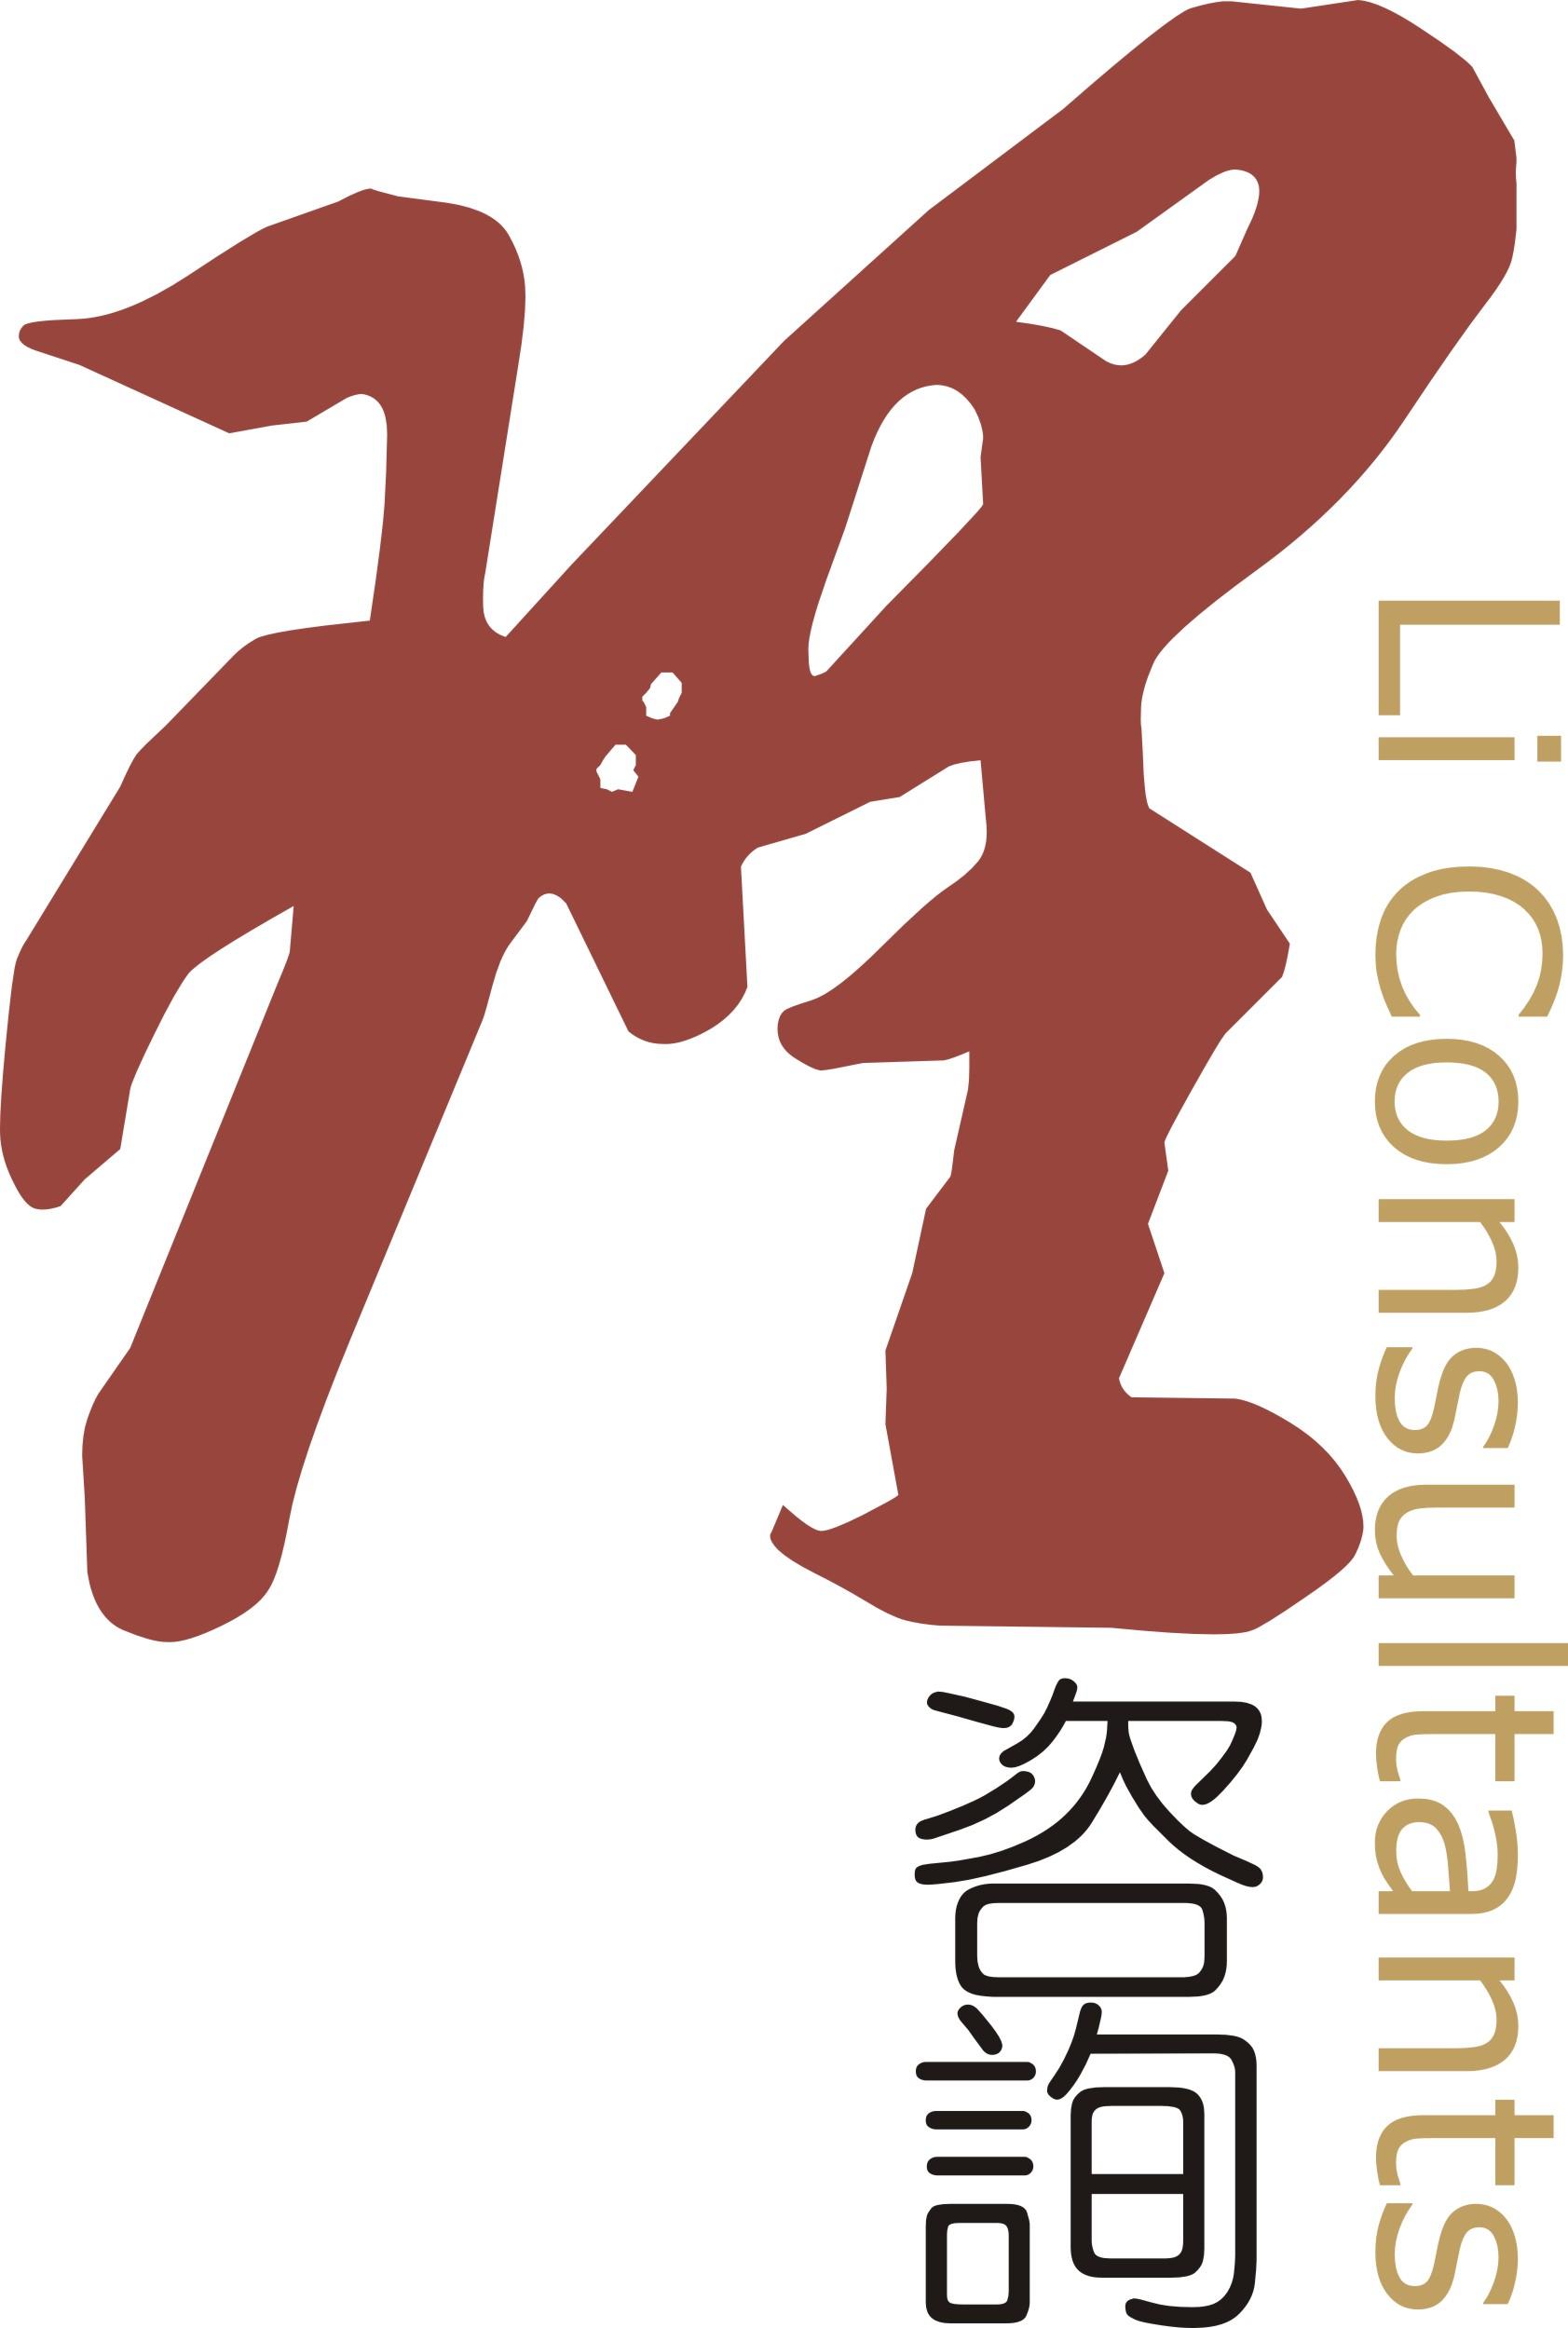 上海理咨询华中区(汇财)企业管理咨询有限公司招聘驻店经理